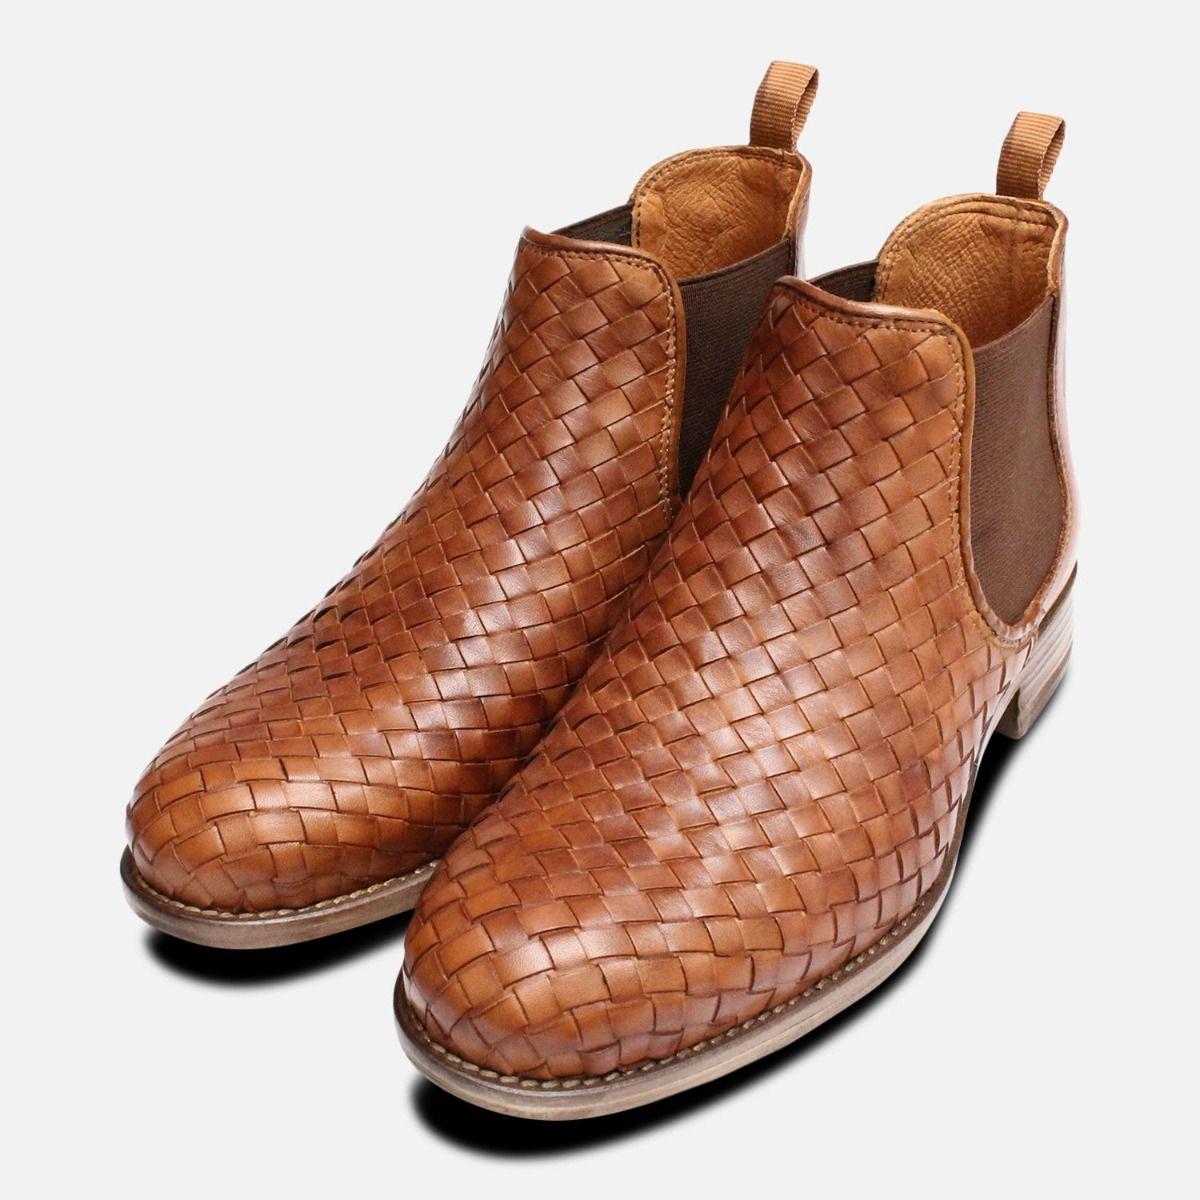 de5f0be215 Brown Weave Ladies Demi Chelsea Boots